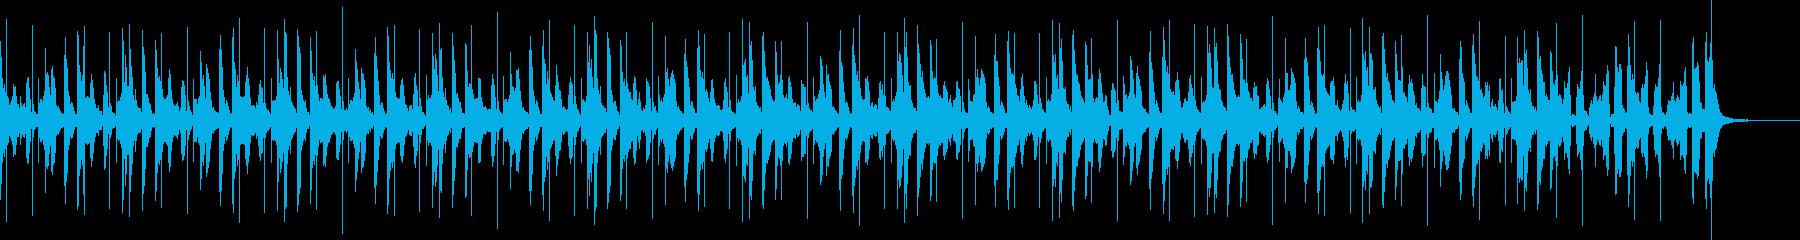 メルヘンほのぼのとした三拍子 回想シーンの再生済みの波形